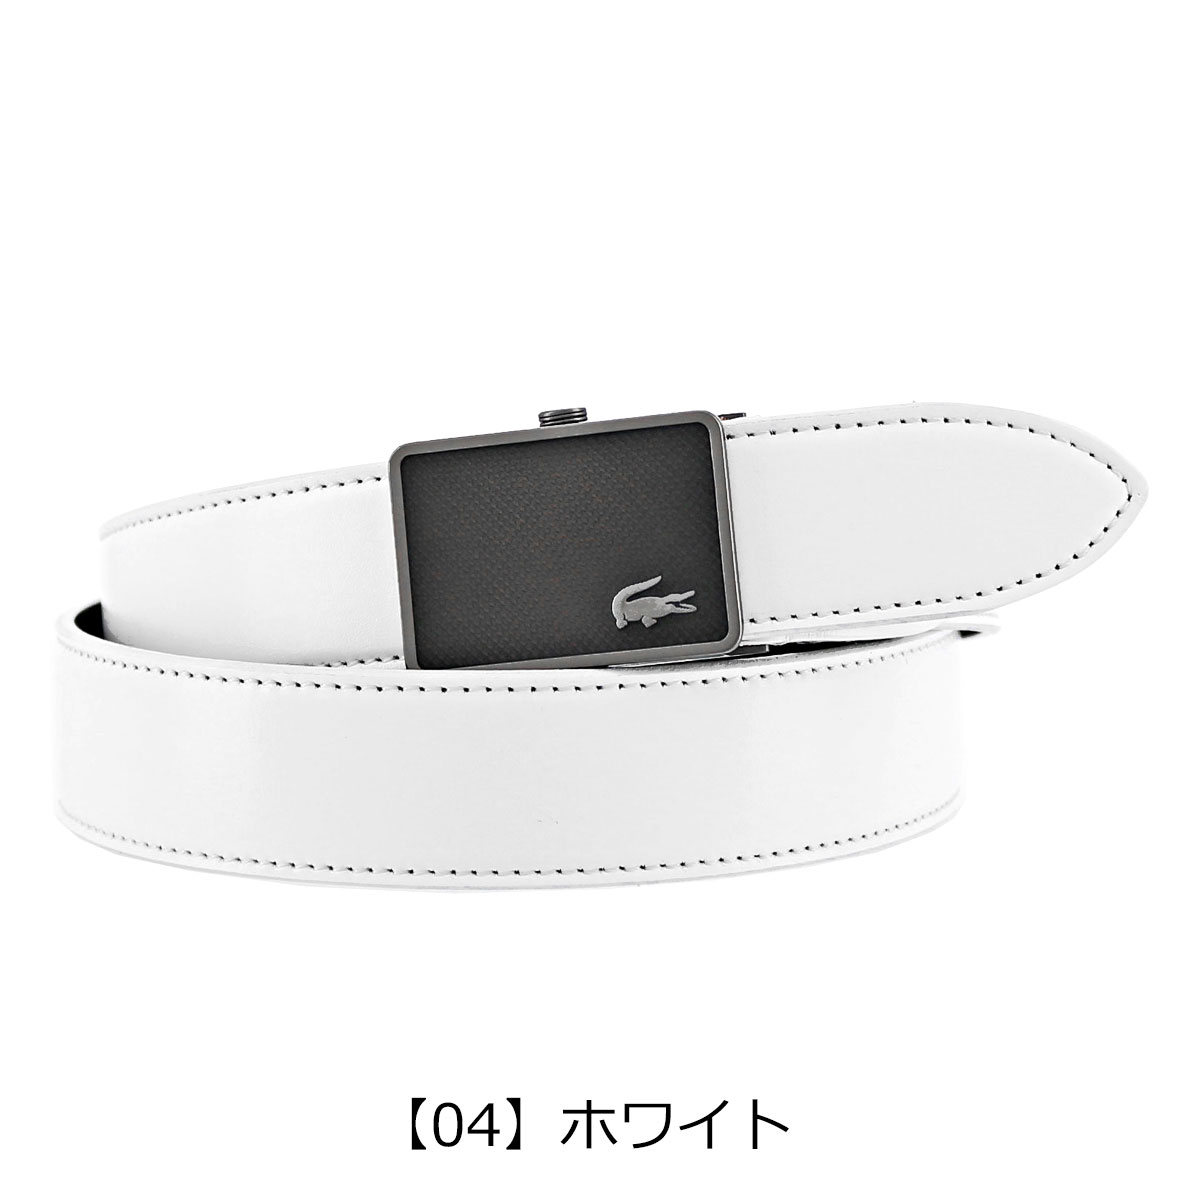 【04】ホワイト